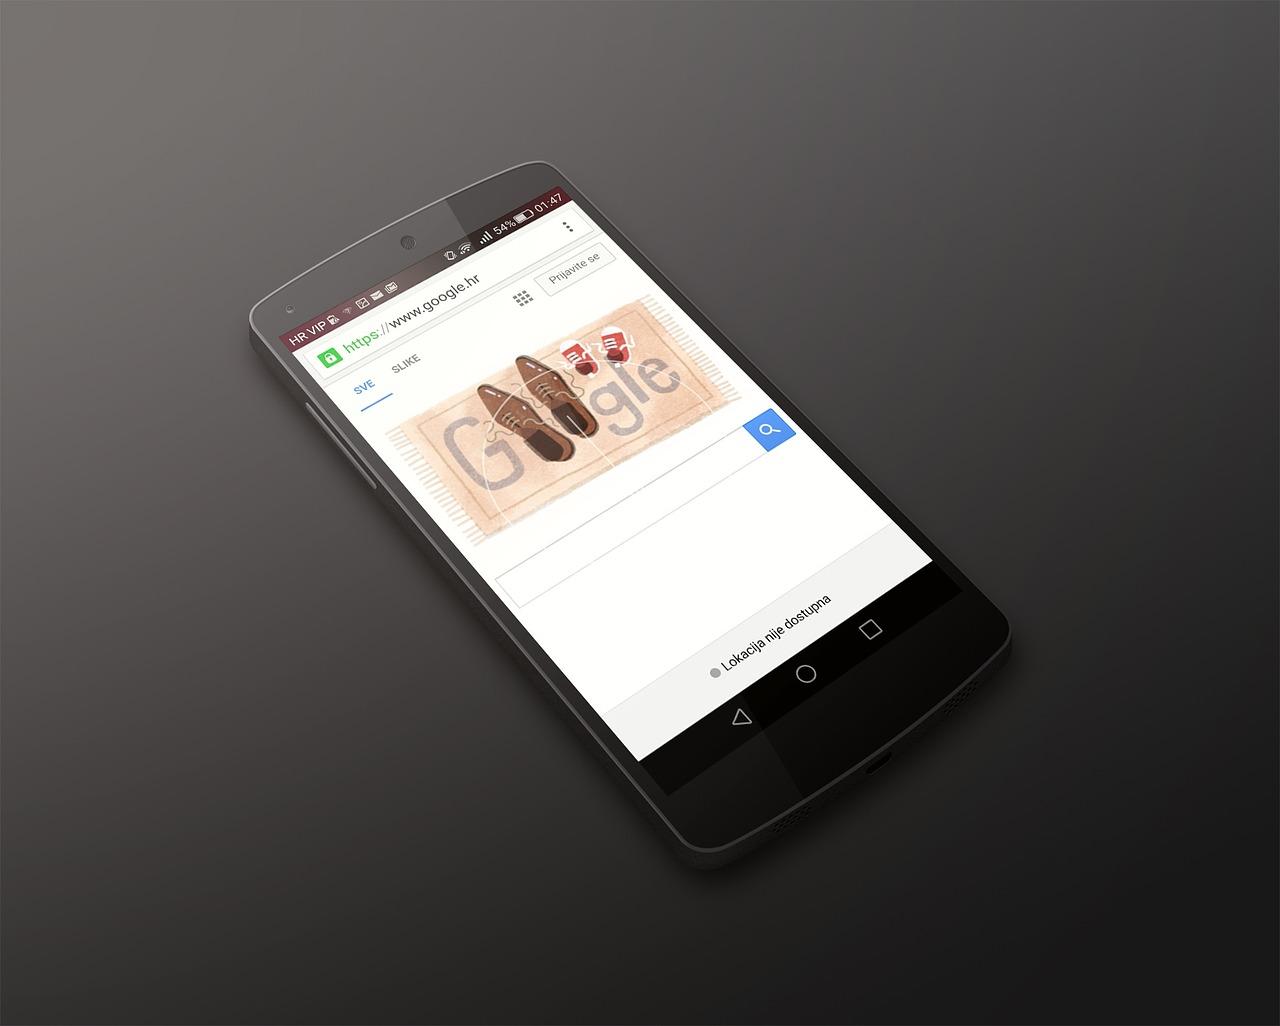 Google Nexus Smartphones